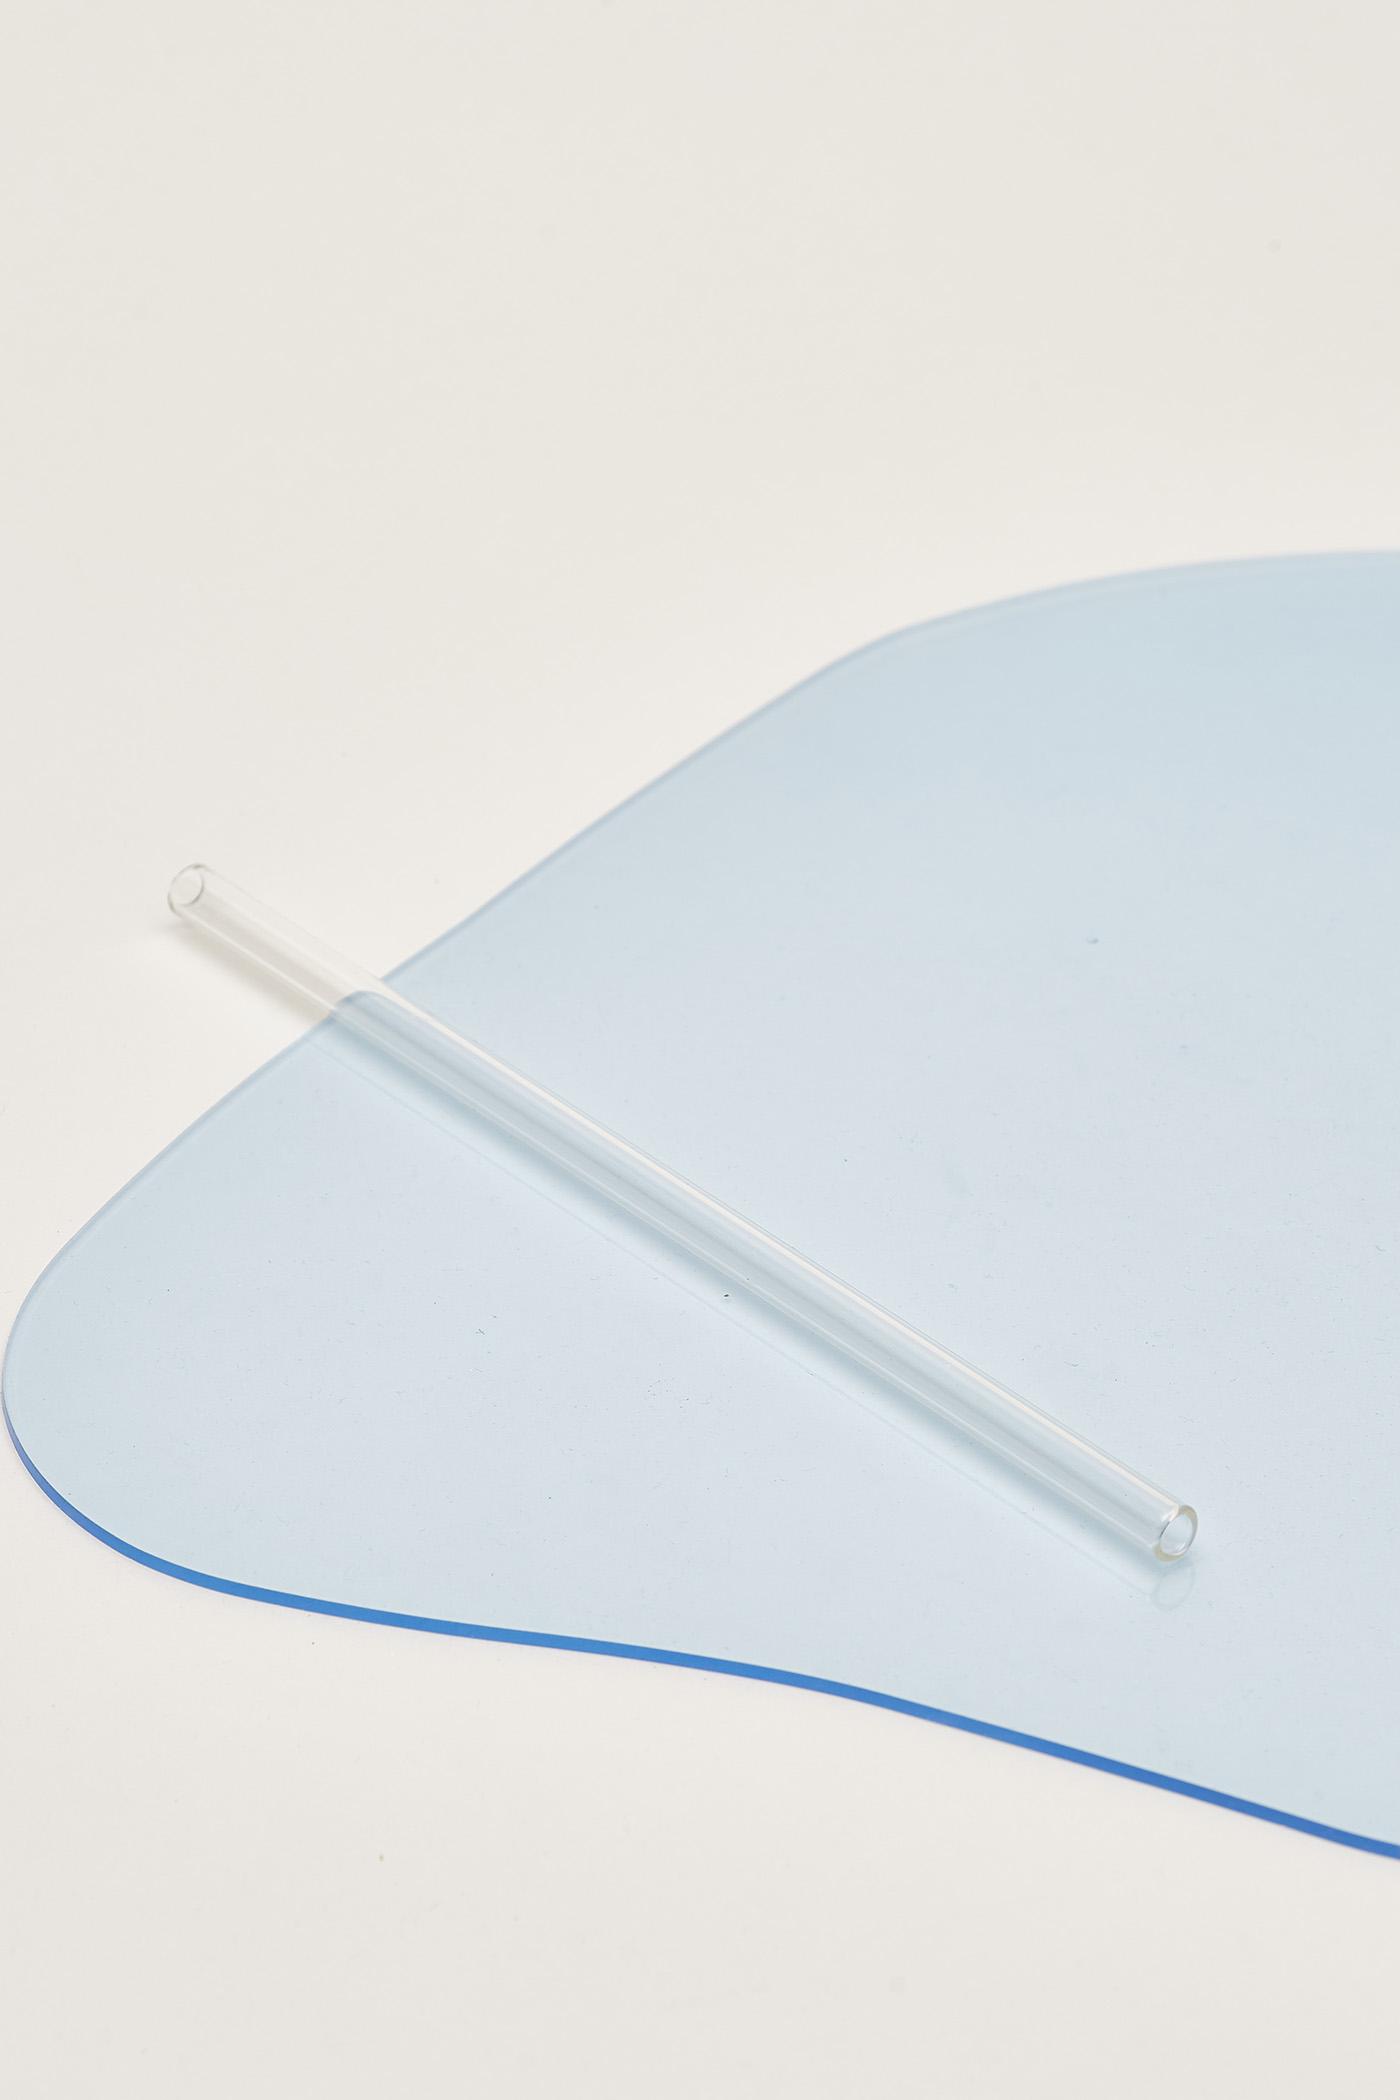 Trendglas Glass Straw 25cm